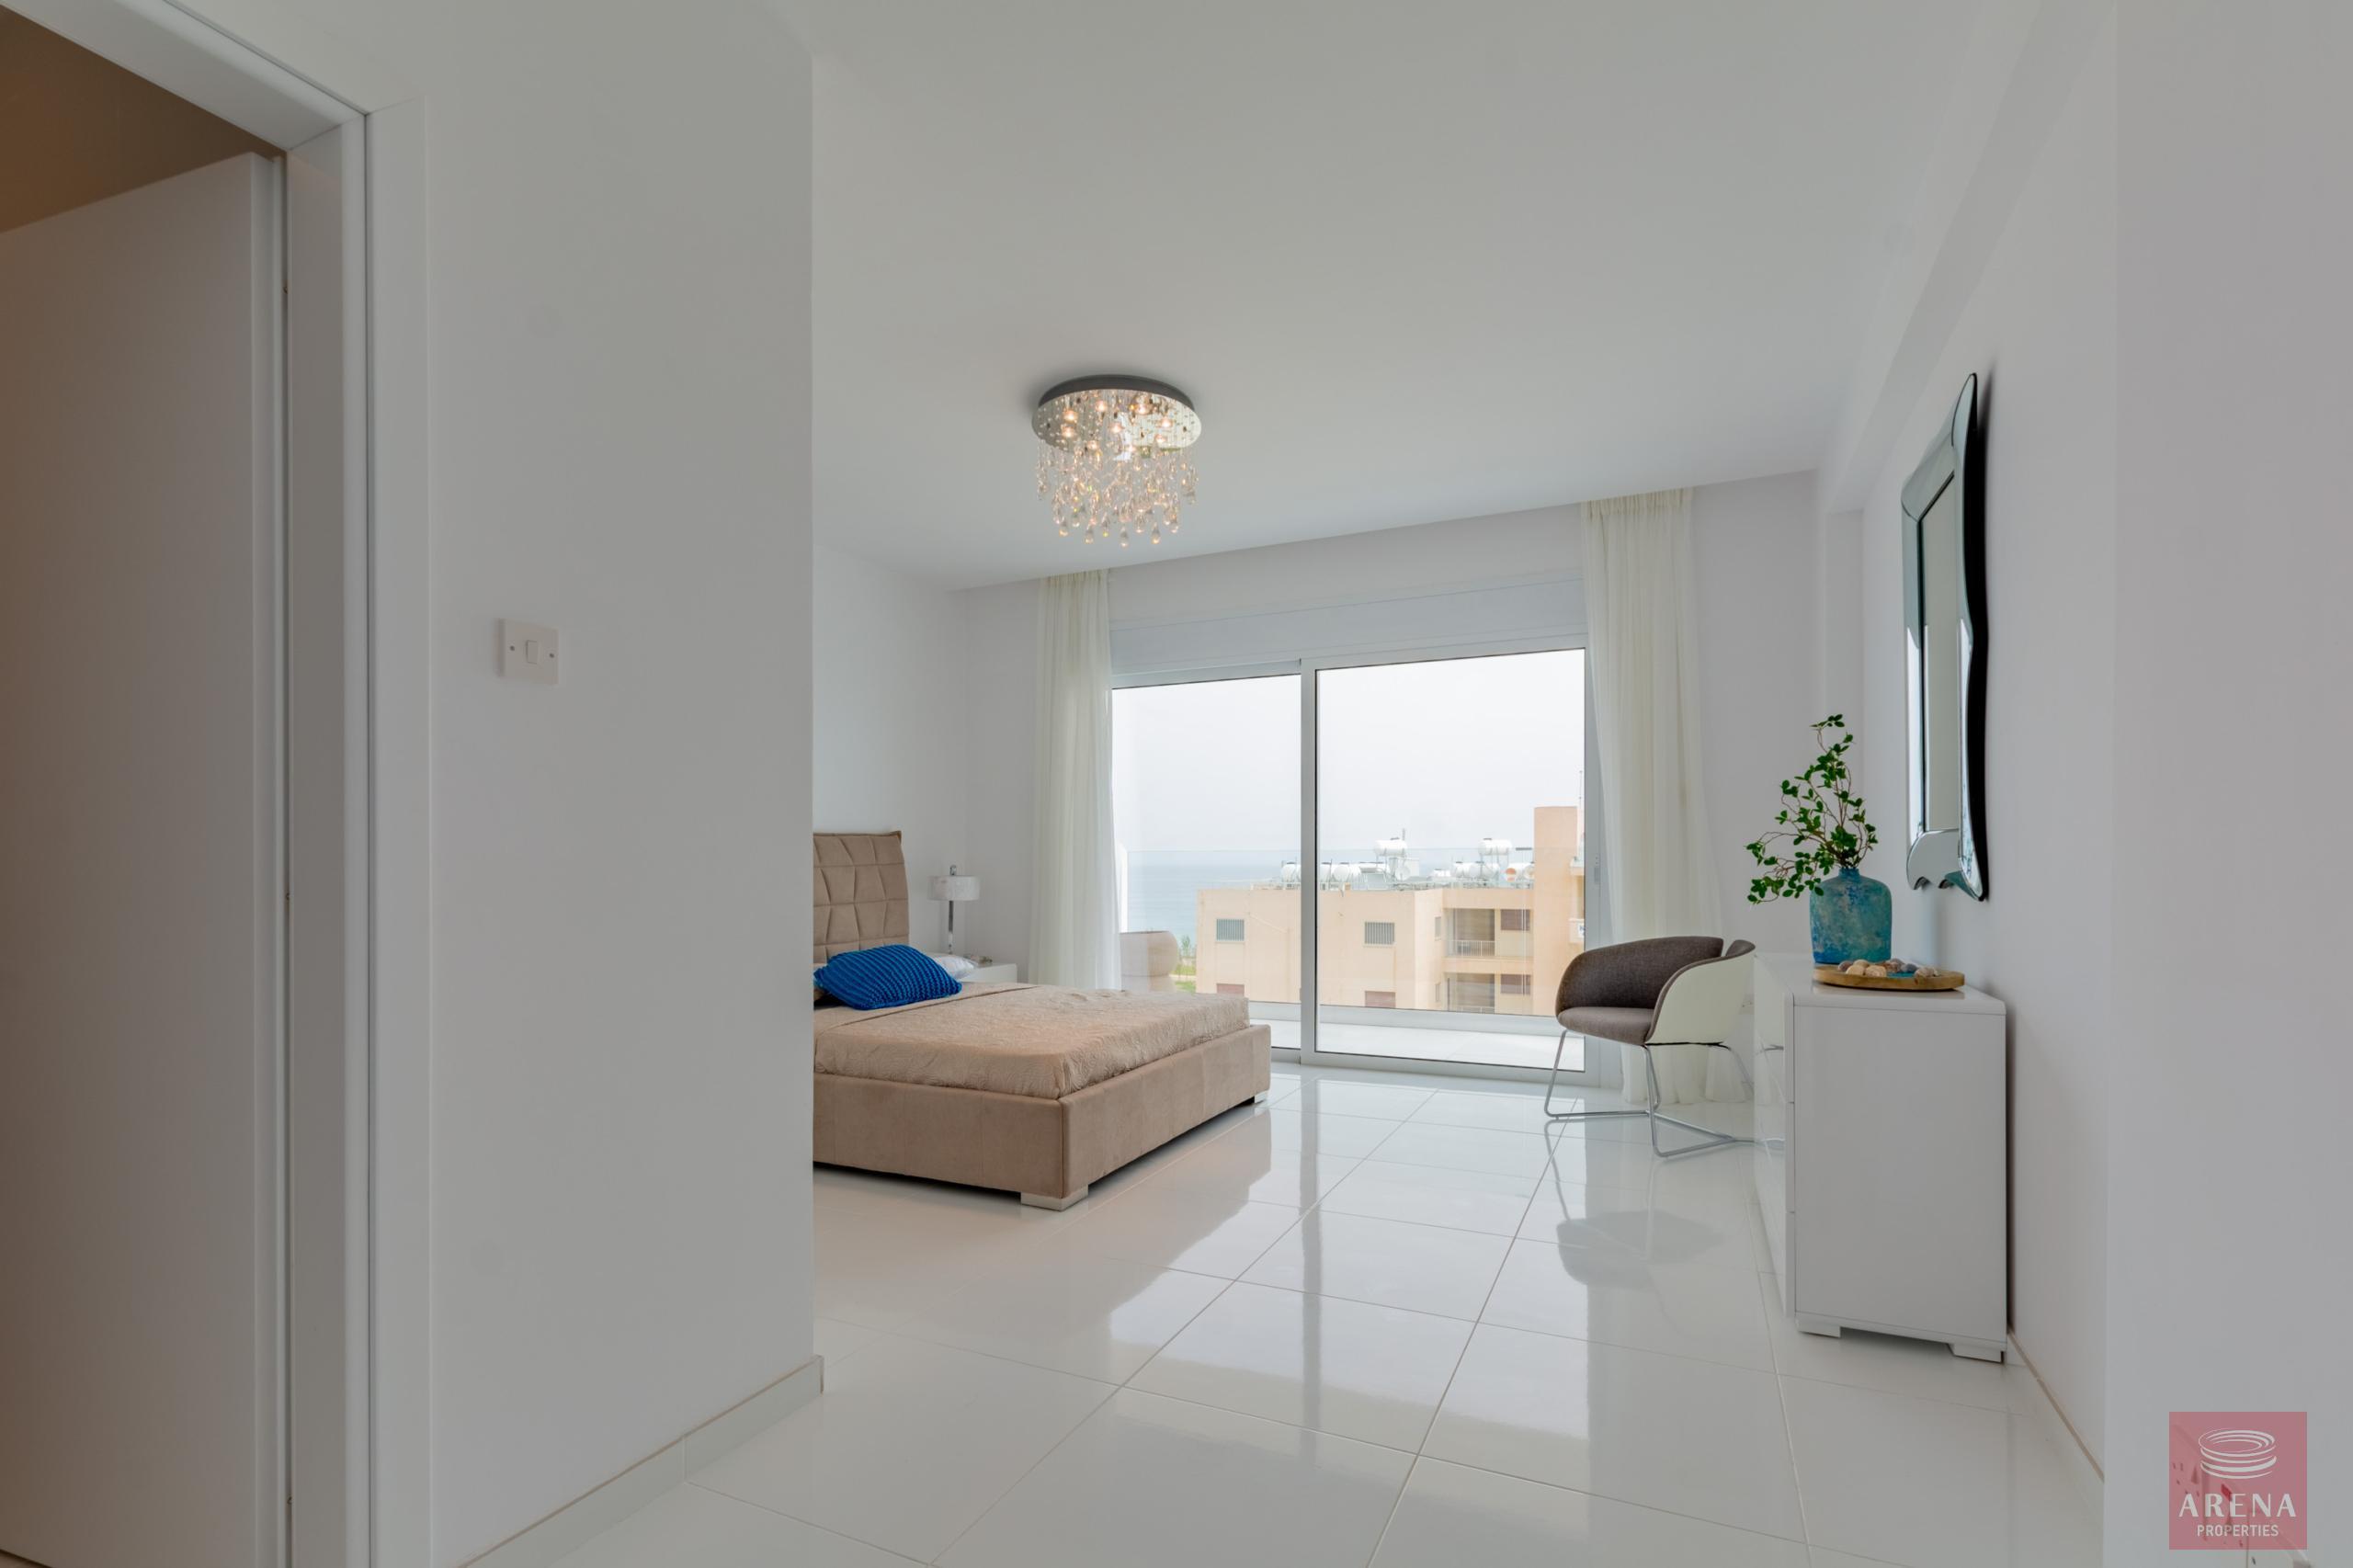 Flat in Ayia Triada i bedroom